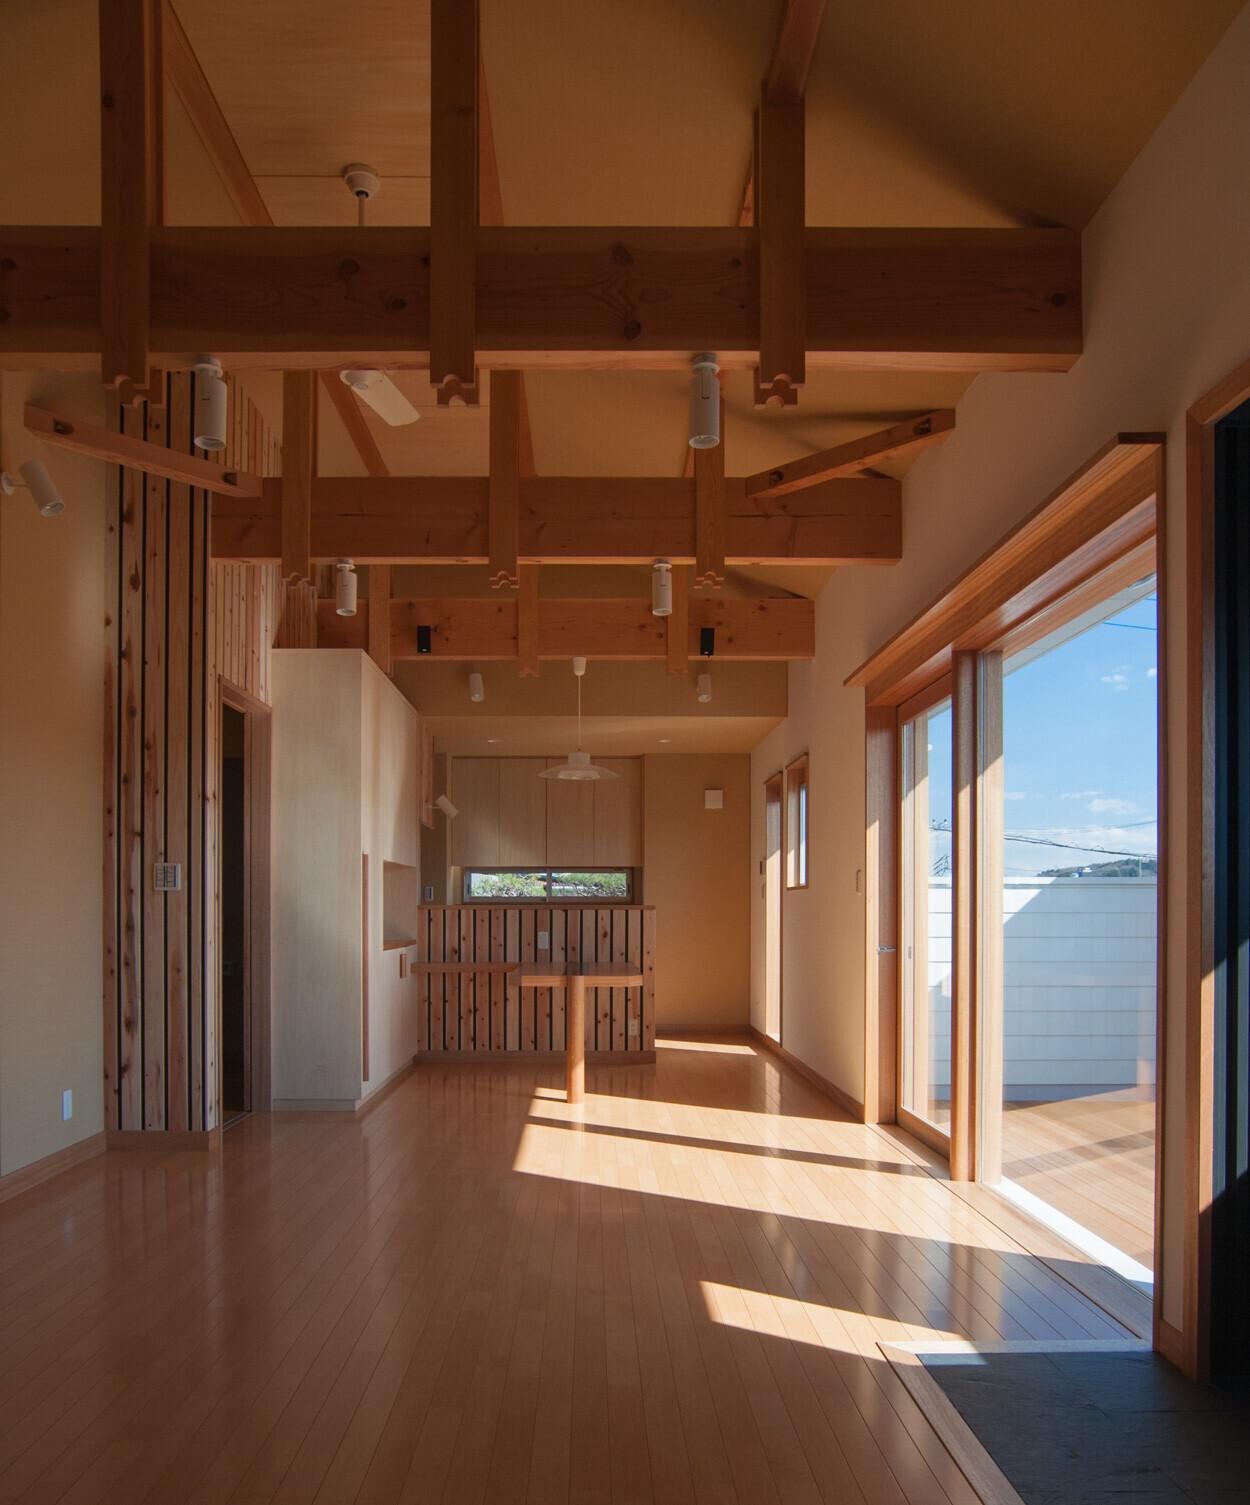 天井の高いリビング | 「大きなバルコニー&薪ストーブ」天井の高い2階リビング